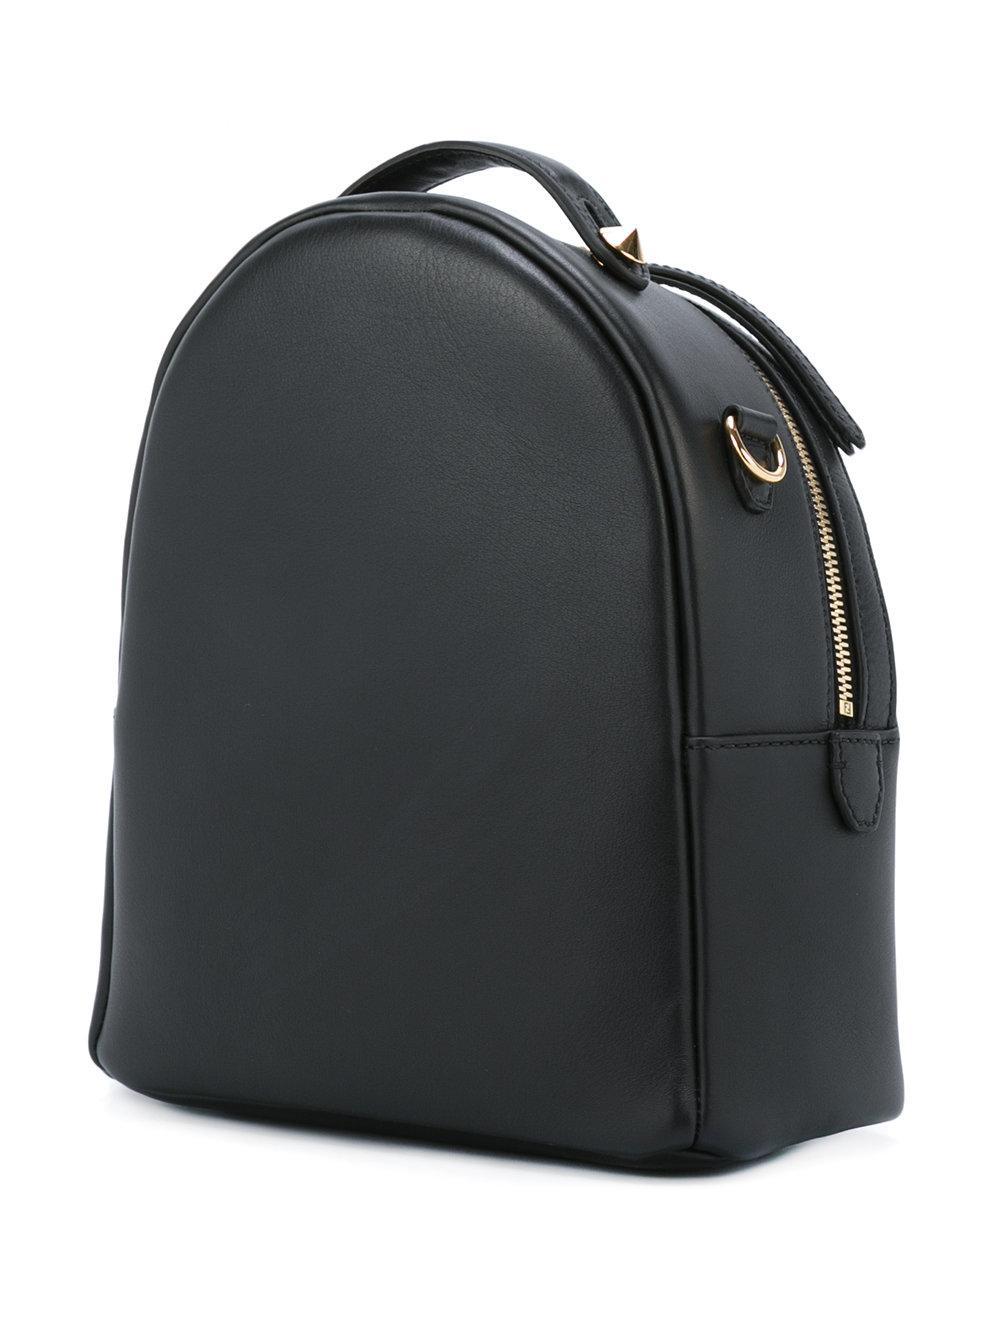 e4222b539eba Fendi Studded Logo Backpack. Lyst - Fendi Studded Backpack in Black